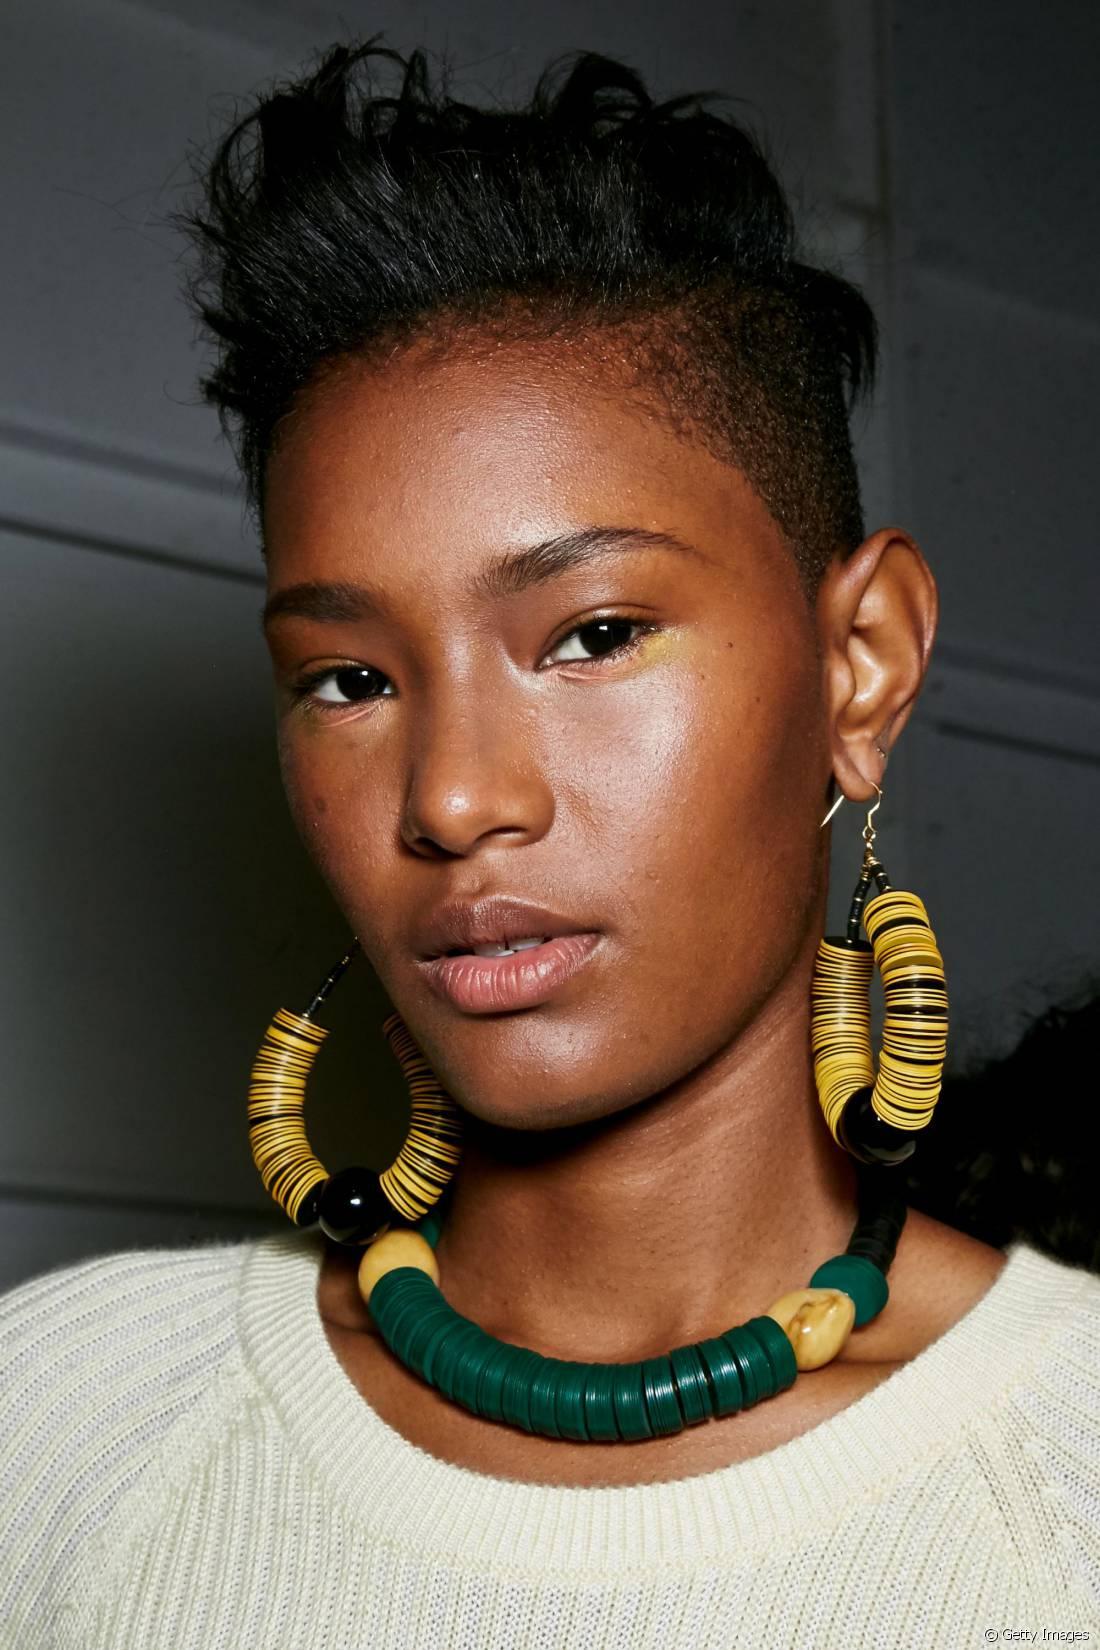 O corte de cabelo pixie cut pode assumir diversos formatos e se adaptar facilmente a todo tipo de fio. Além o corte é prático e sensual